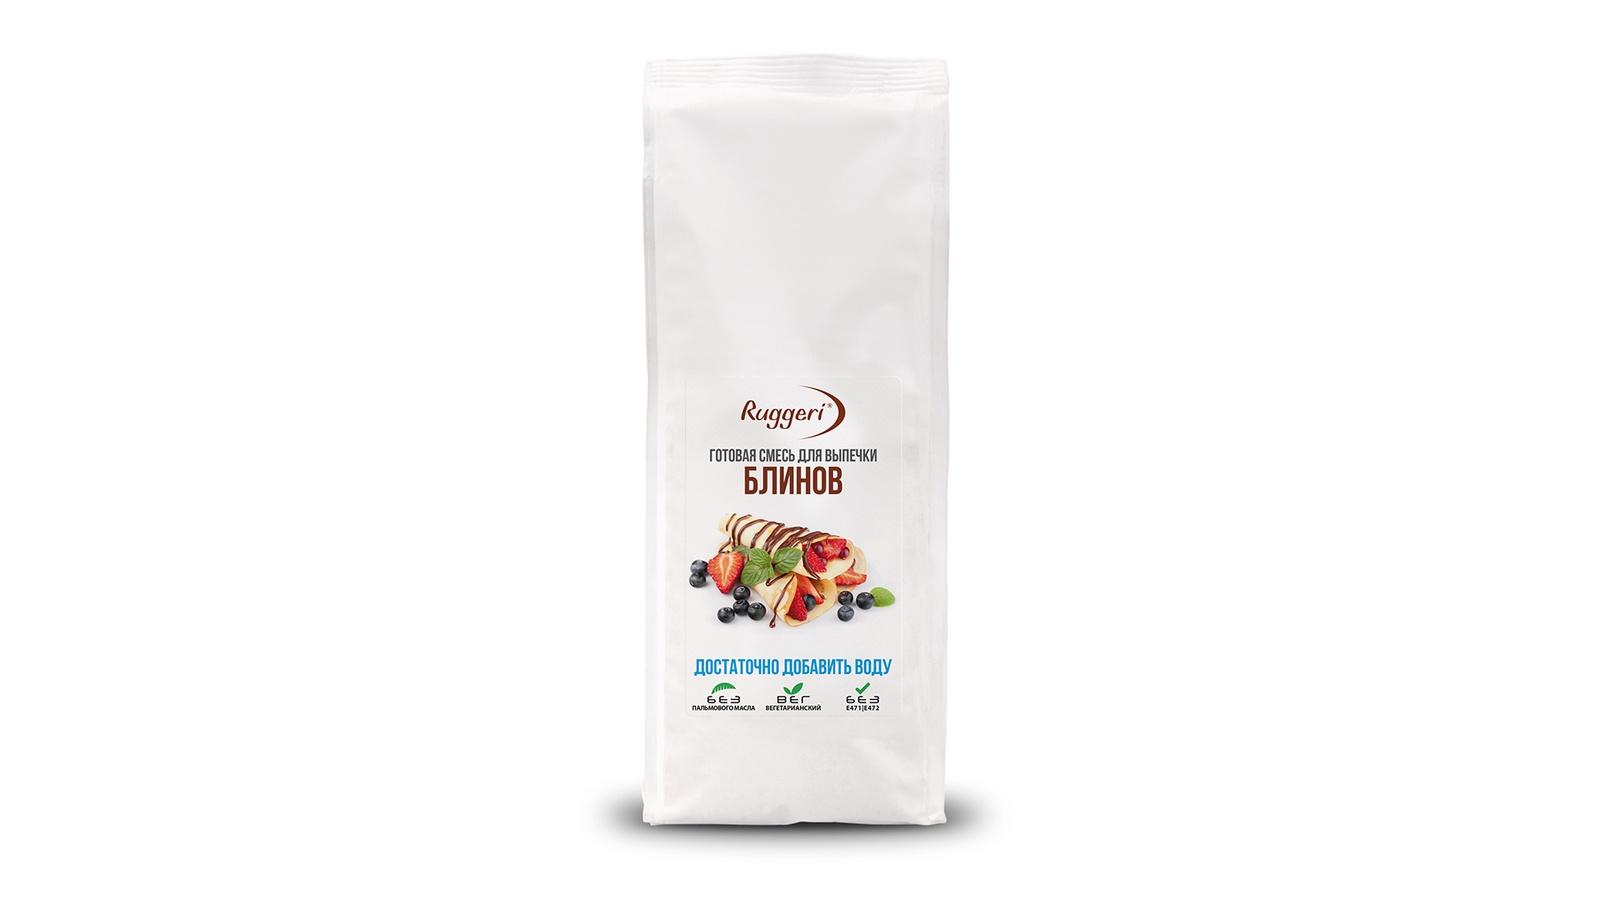 Смесь для выпечки Ruggeri Готовая блинов, 500г, 500 смесь для выпечки почти печенье матча шоколад кокос 370 г